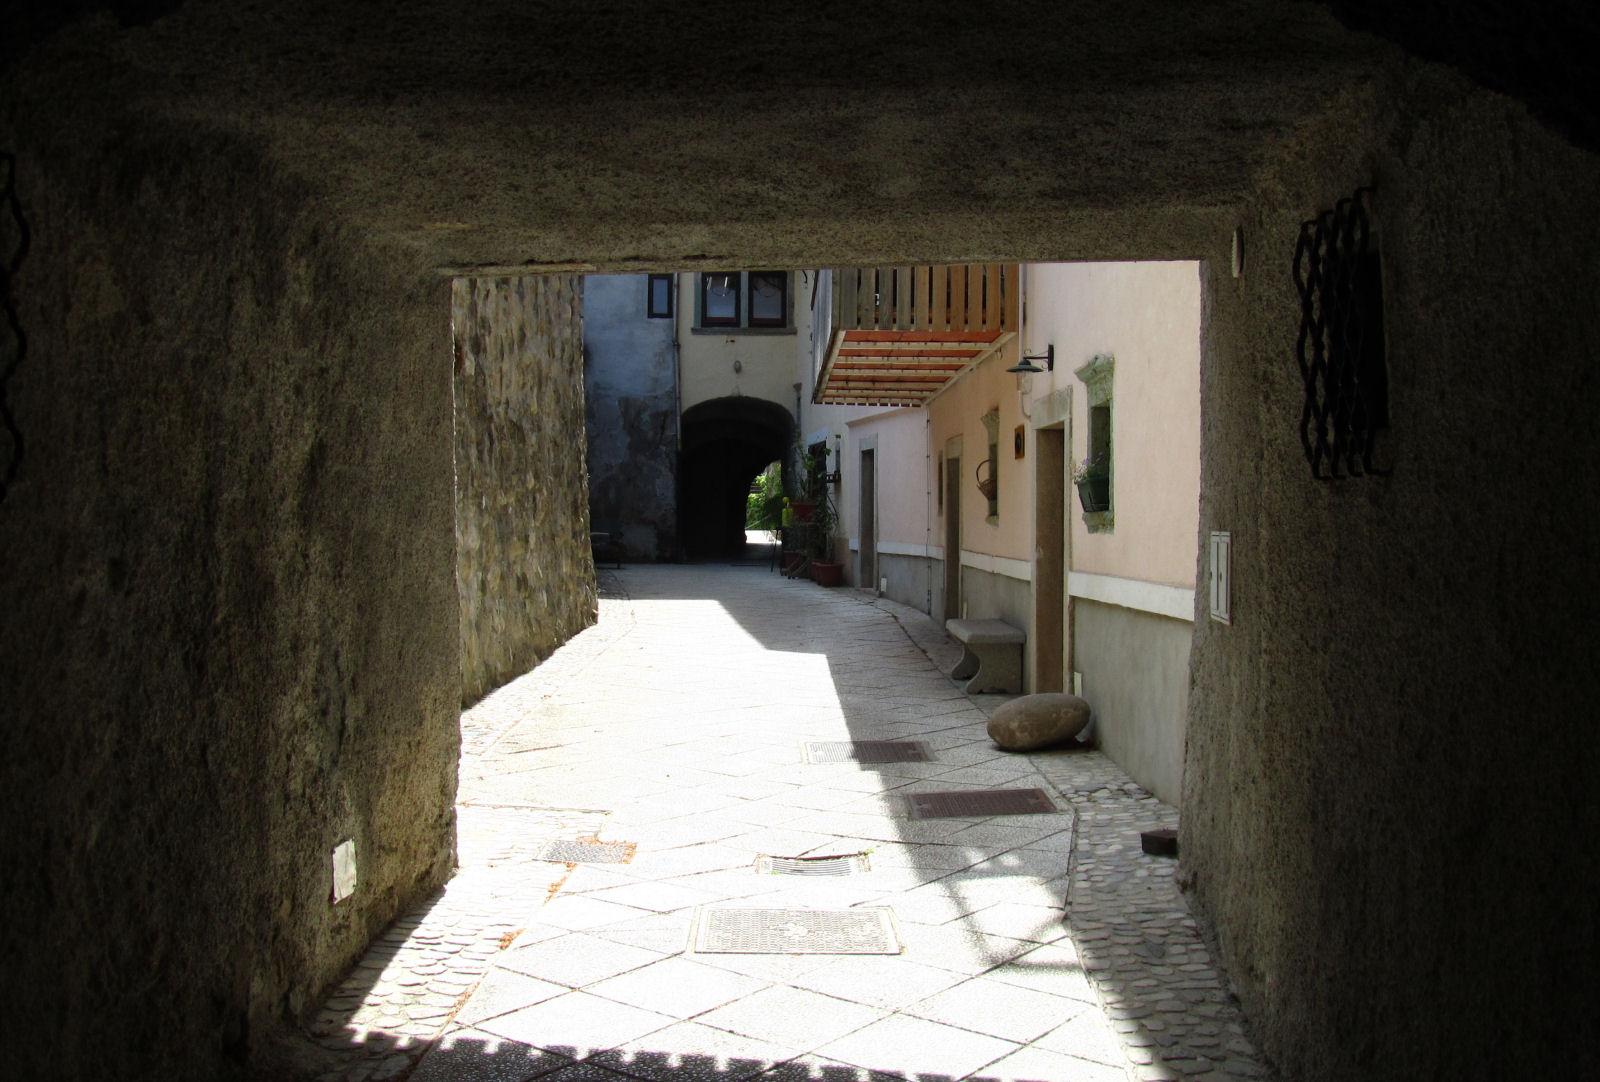 radovljica-medieval-old-town-8446